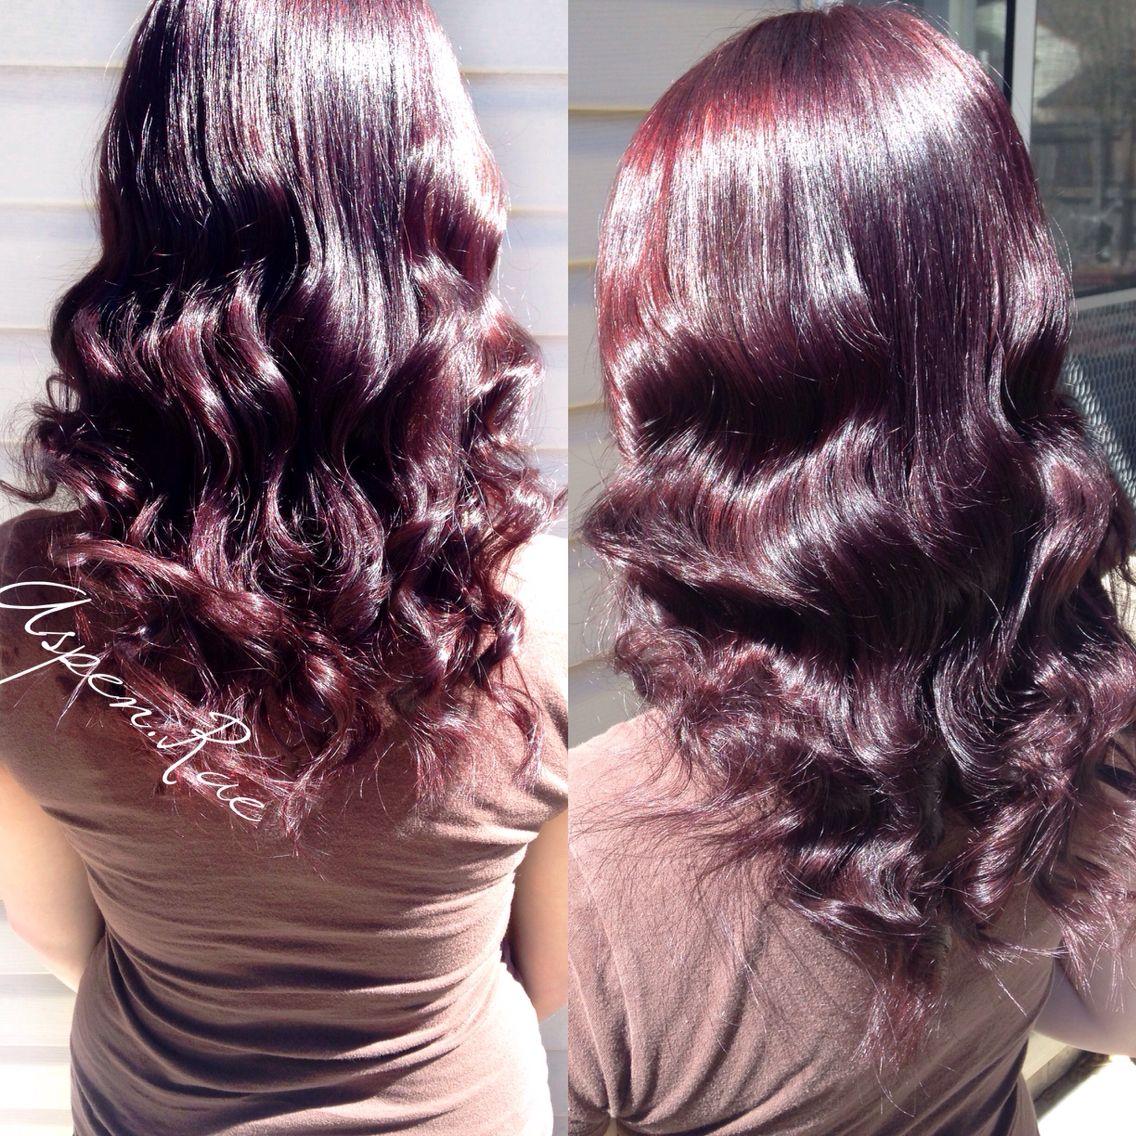 Merlot hair color - Merlot Burgundy Hair Color Redken Chromatics 4vr Aspen Rae